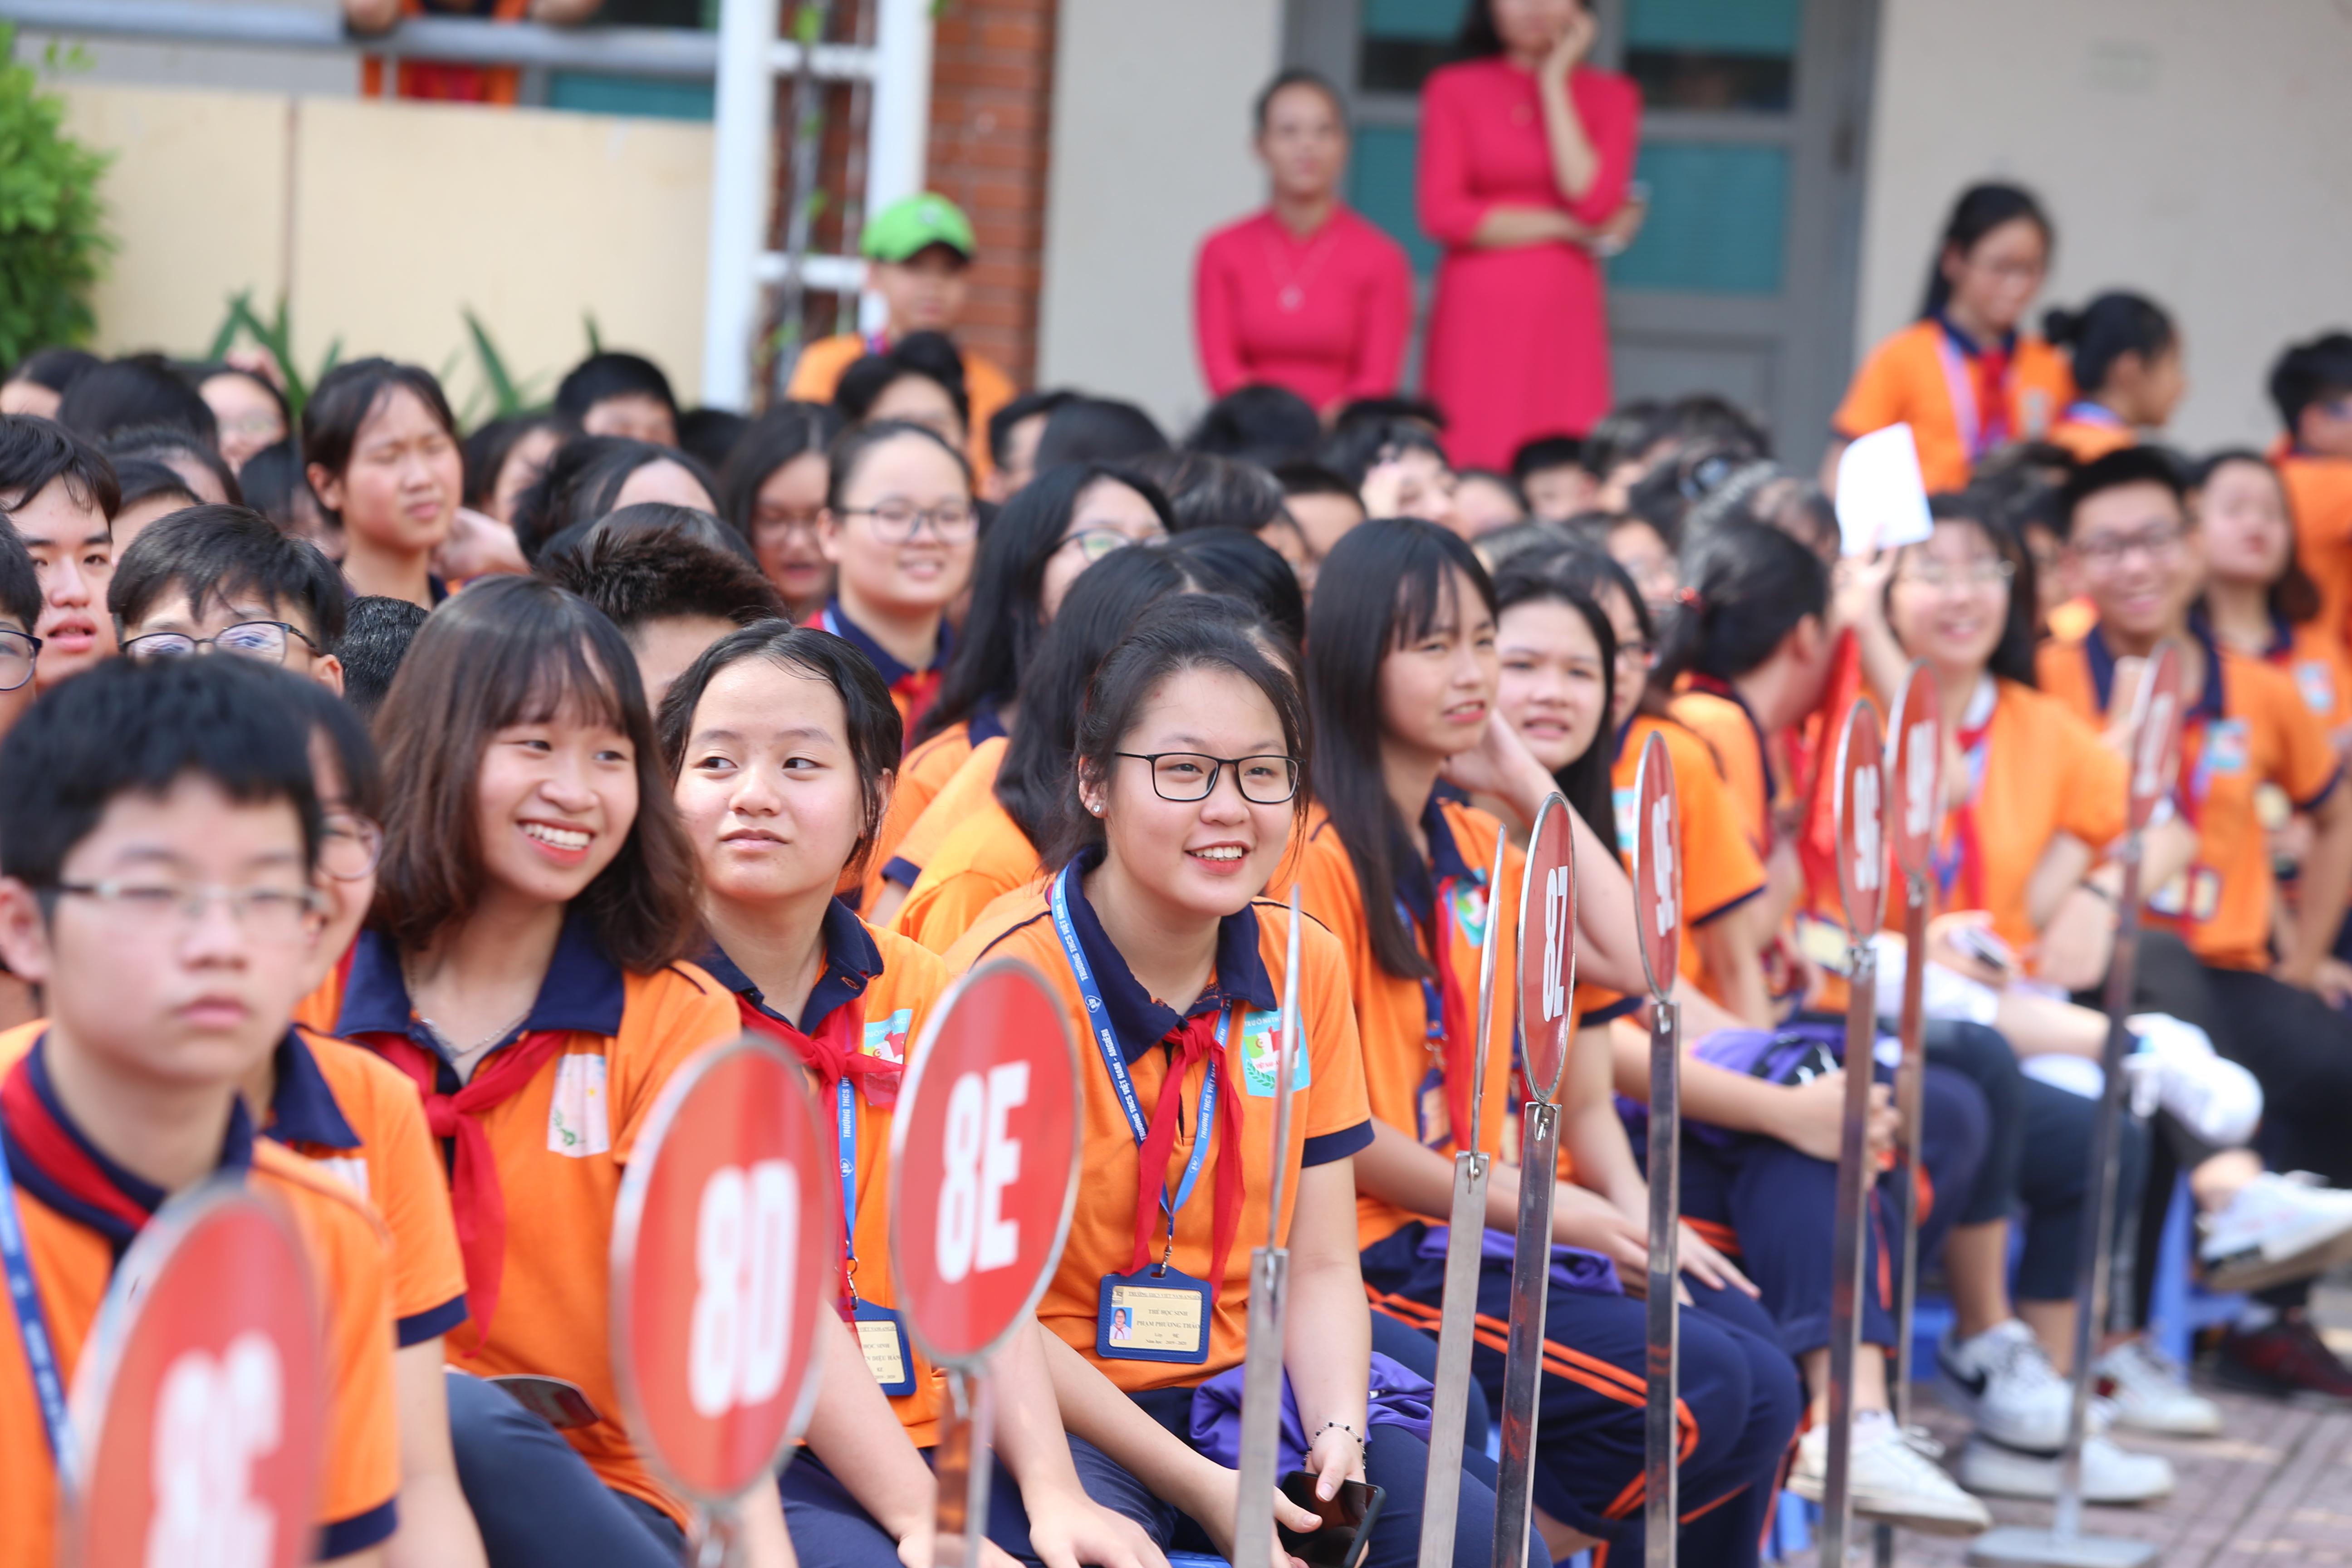 Quang Hải, Bùi Tiến Dũng đeo mặt nạ trung thu truyền cảm hứng tại Strong Vietnam - Ảnh 3